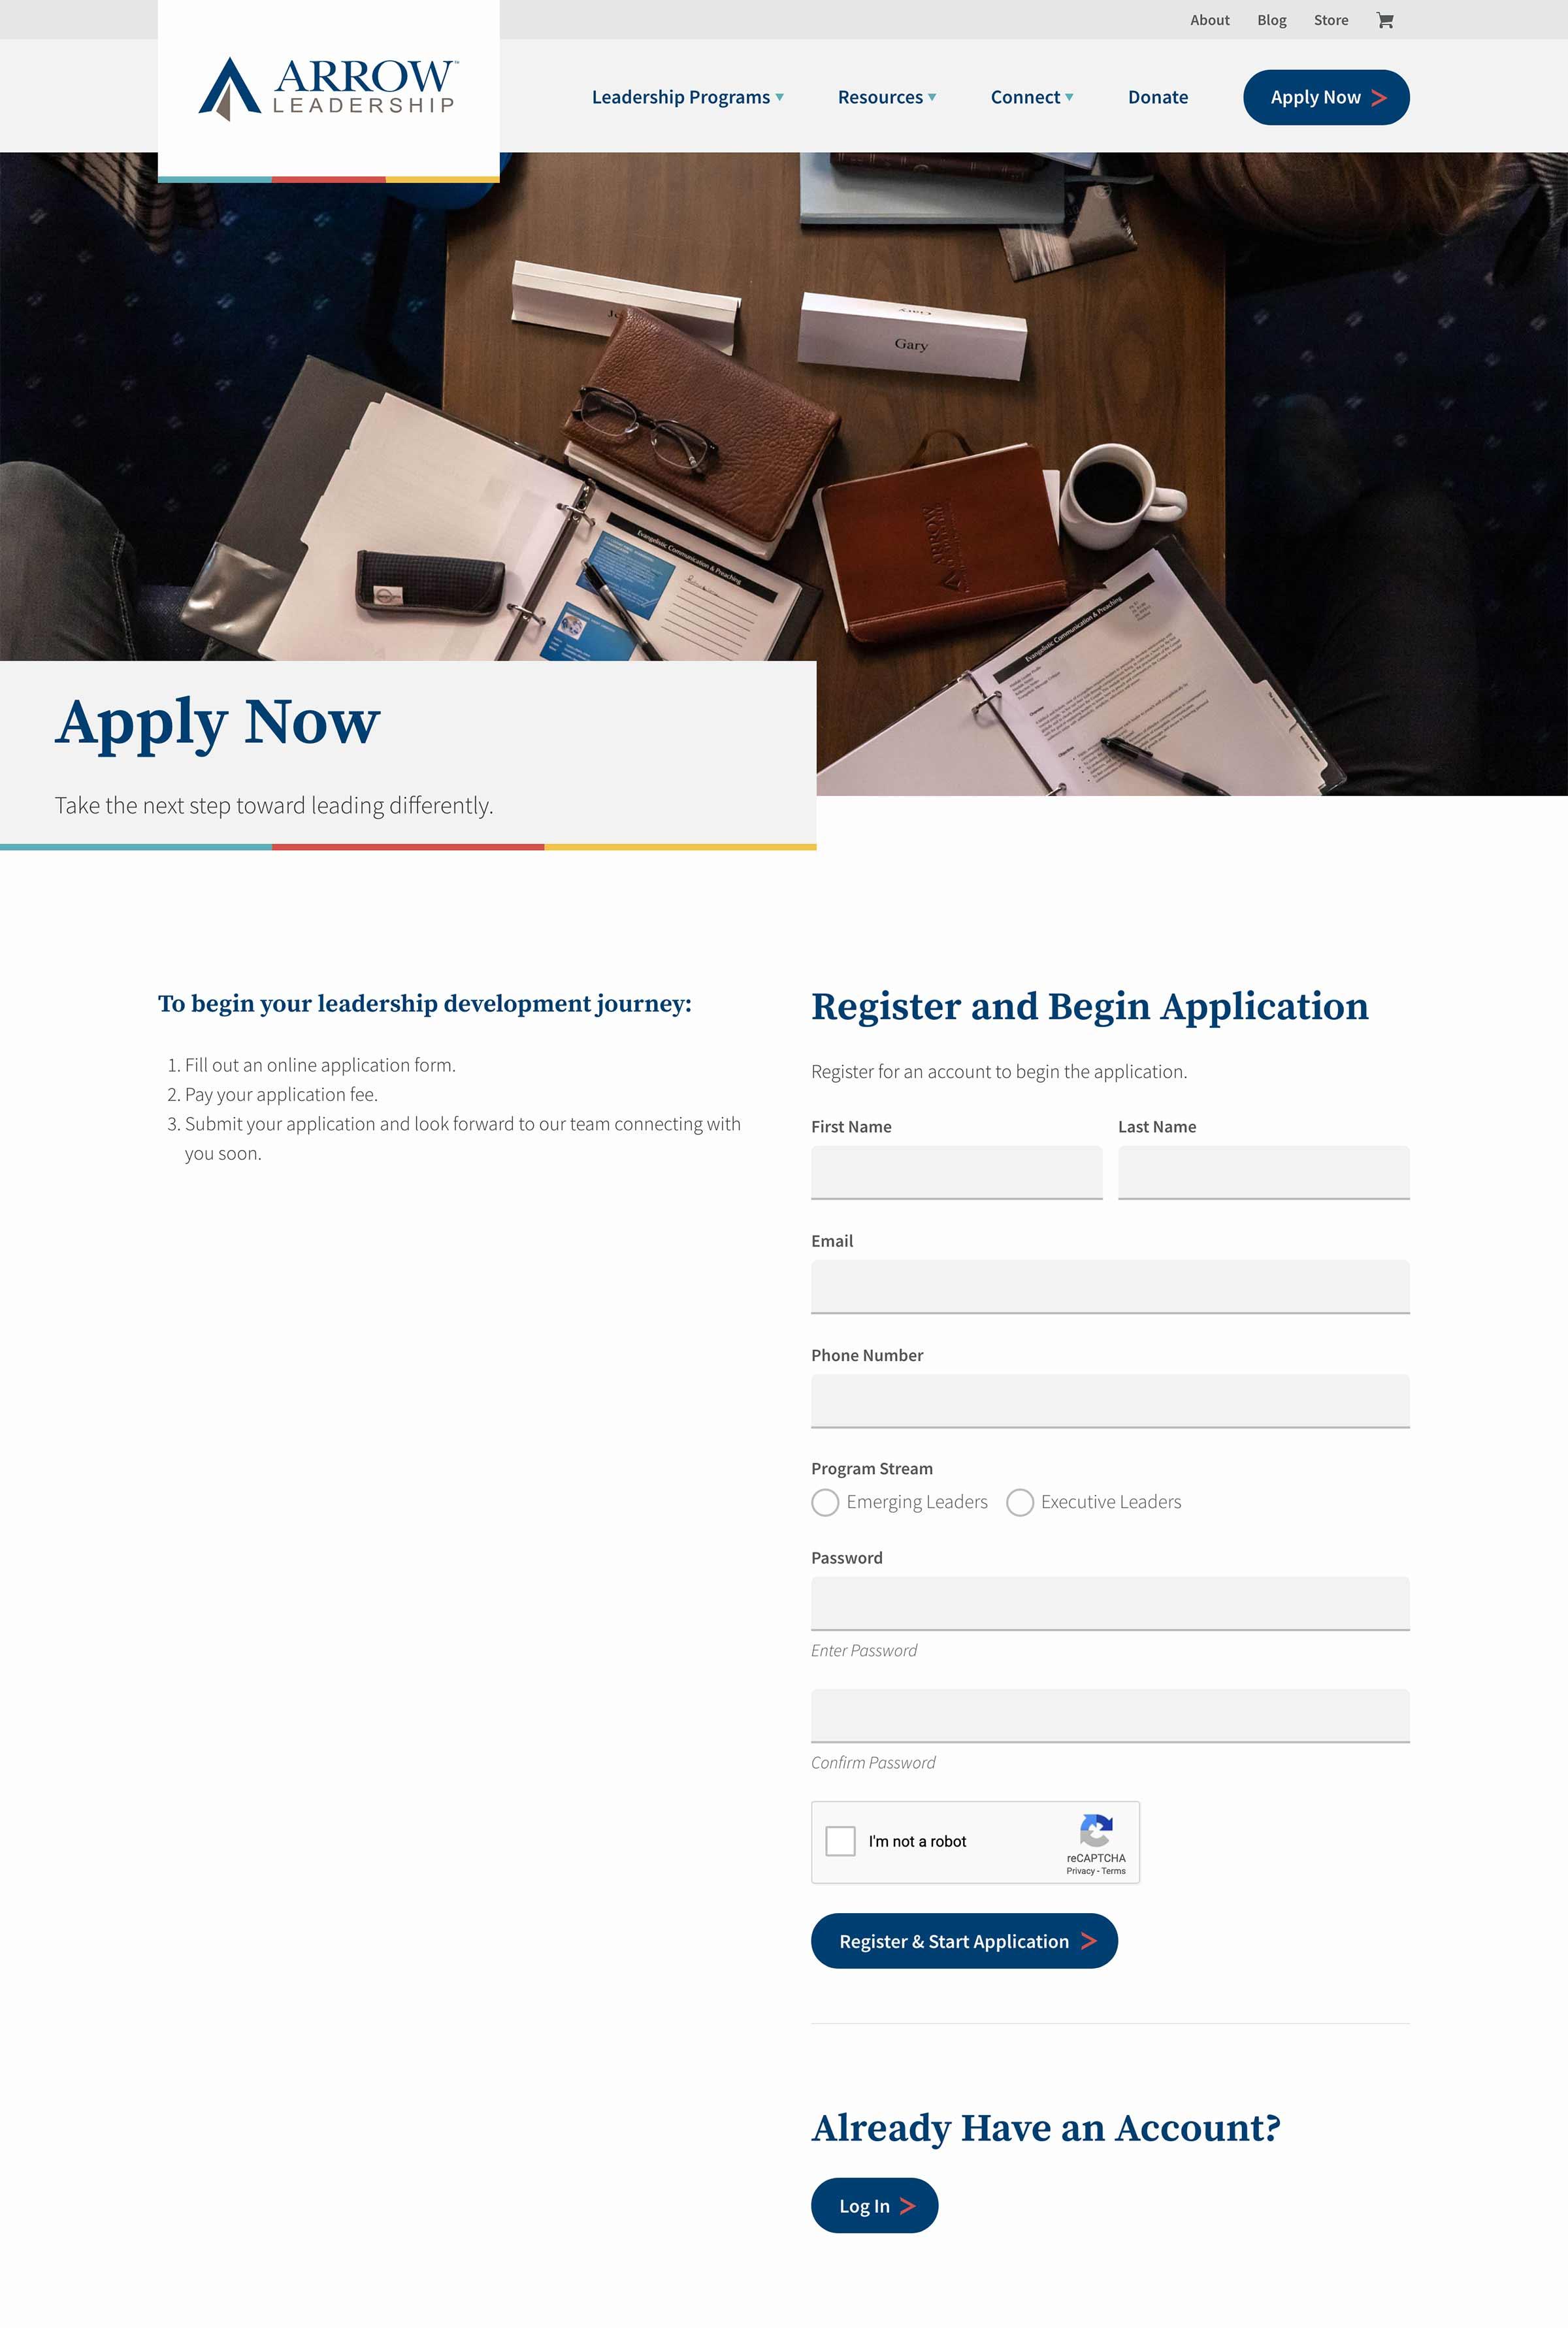 Application Gateway